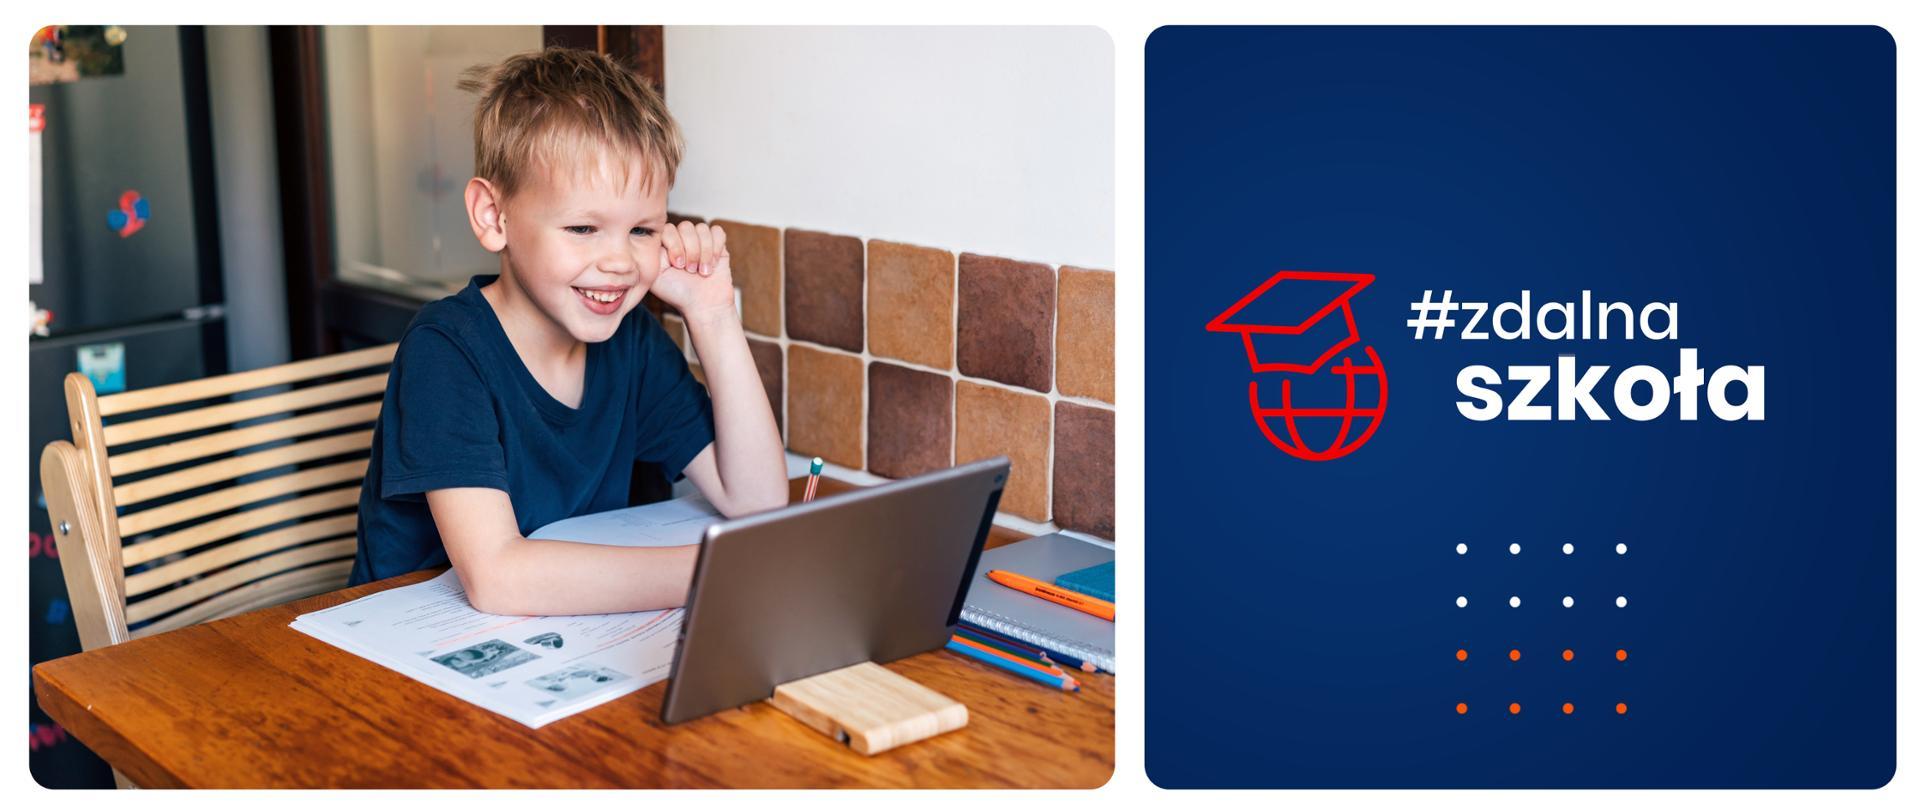 Po lewej stronie zdjęcie uśmiechniętego dziecka siedzącego w kuchni przy stole podczas odrabiania lekcji. Na blacie rozłożone są podręczniki, zeszyty i kredki, na podstawce stoi tablet. Po prawej stronie na granatowym tle logotyp Zdalnej Szkoły.